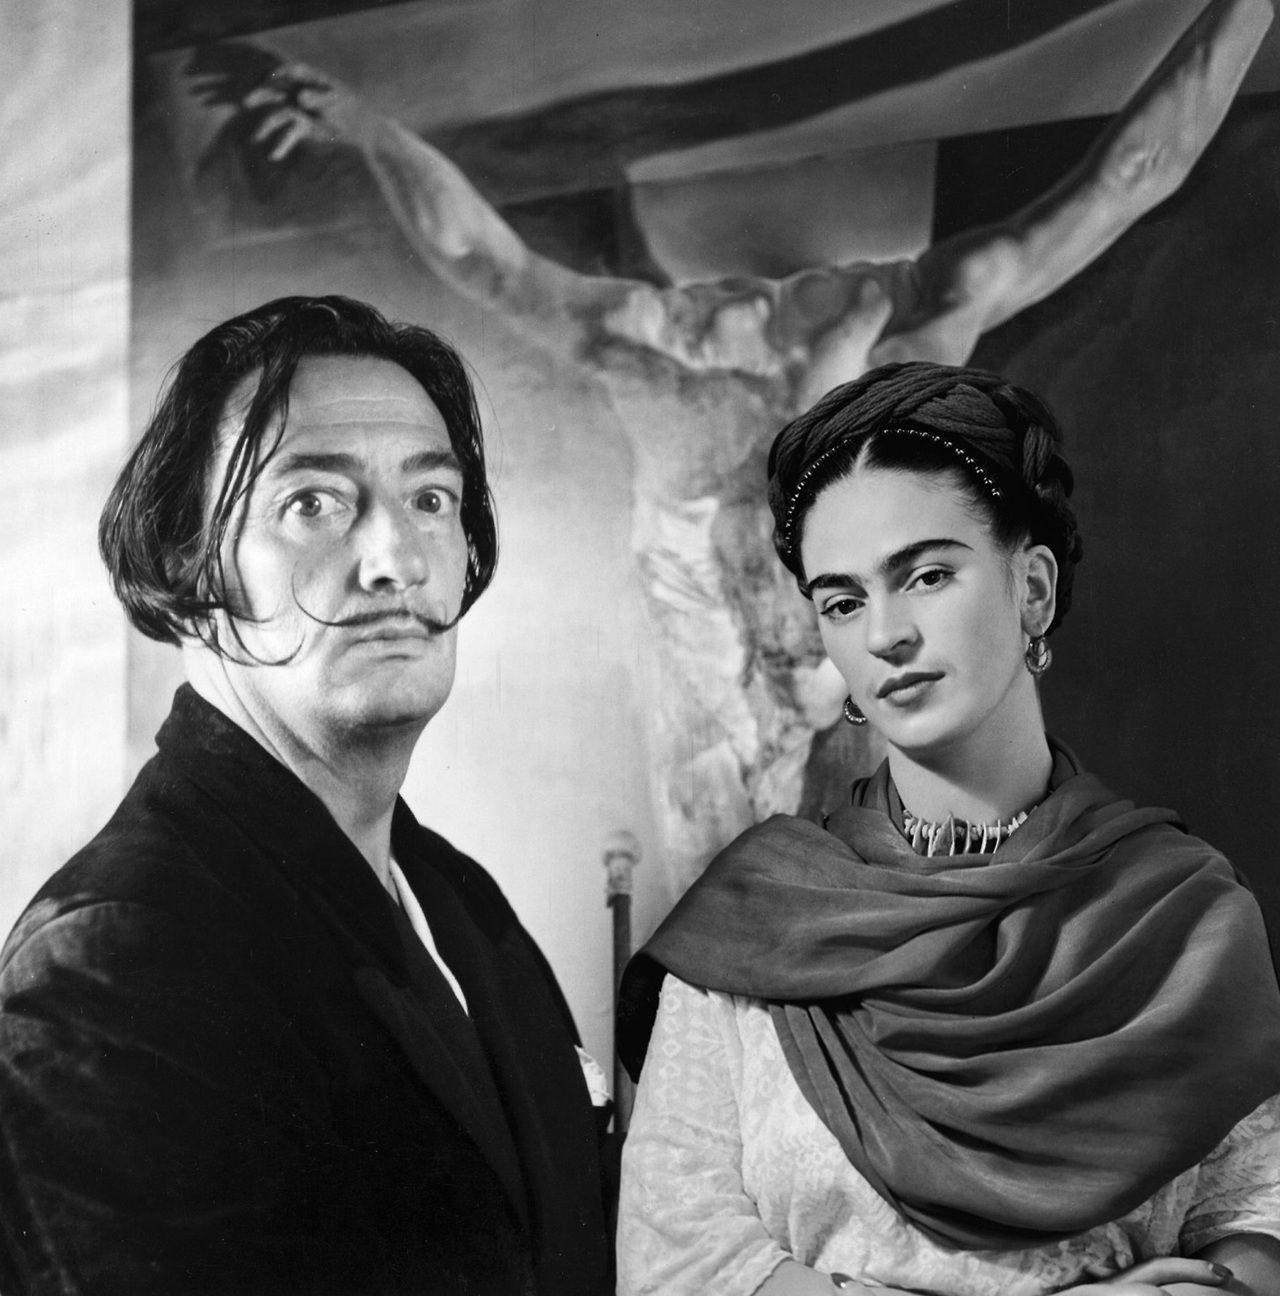 Frida and Dali #fridakahlopaintings